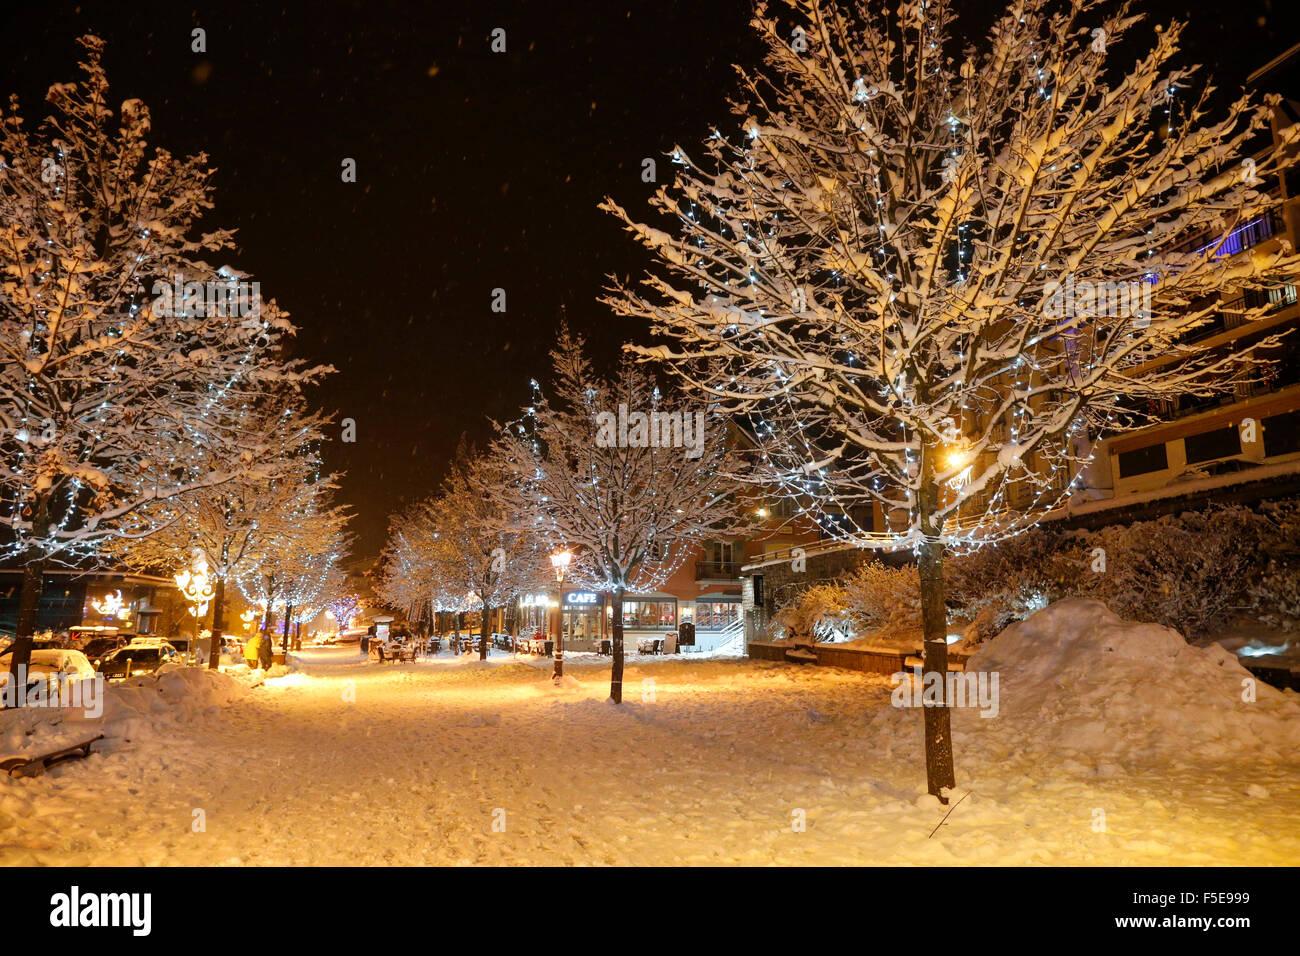 Saint-Gervais-les-Bains in winter, Haute-Savoie, France, Europe - Stock Image